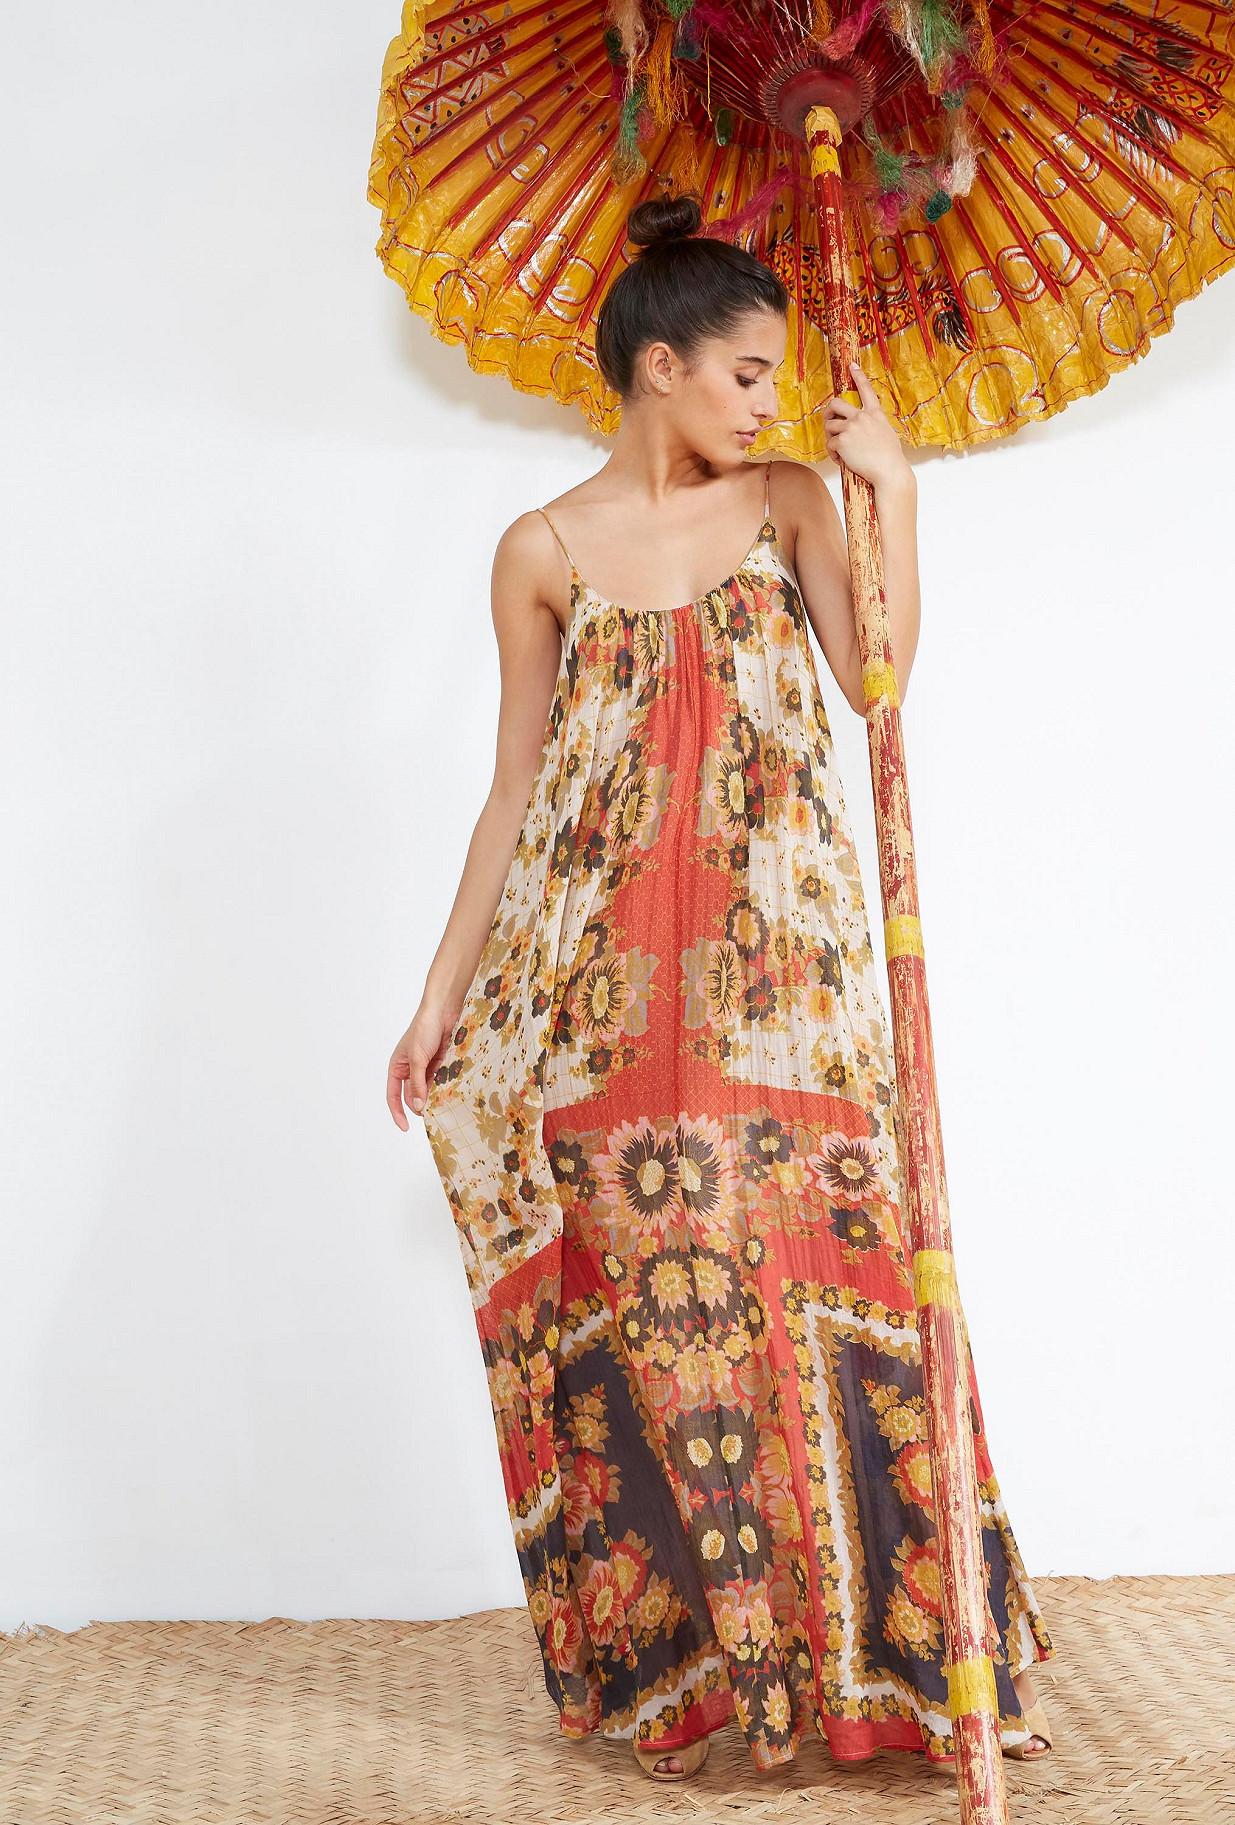 Floral print  DRESS  Magdalena Mes demoiselles fashion clothes designer Paris